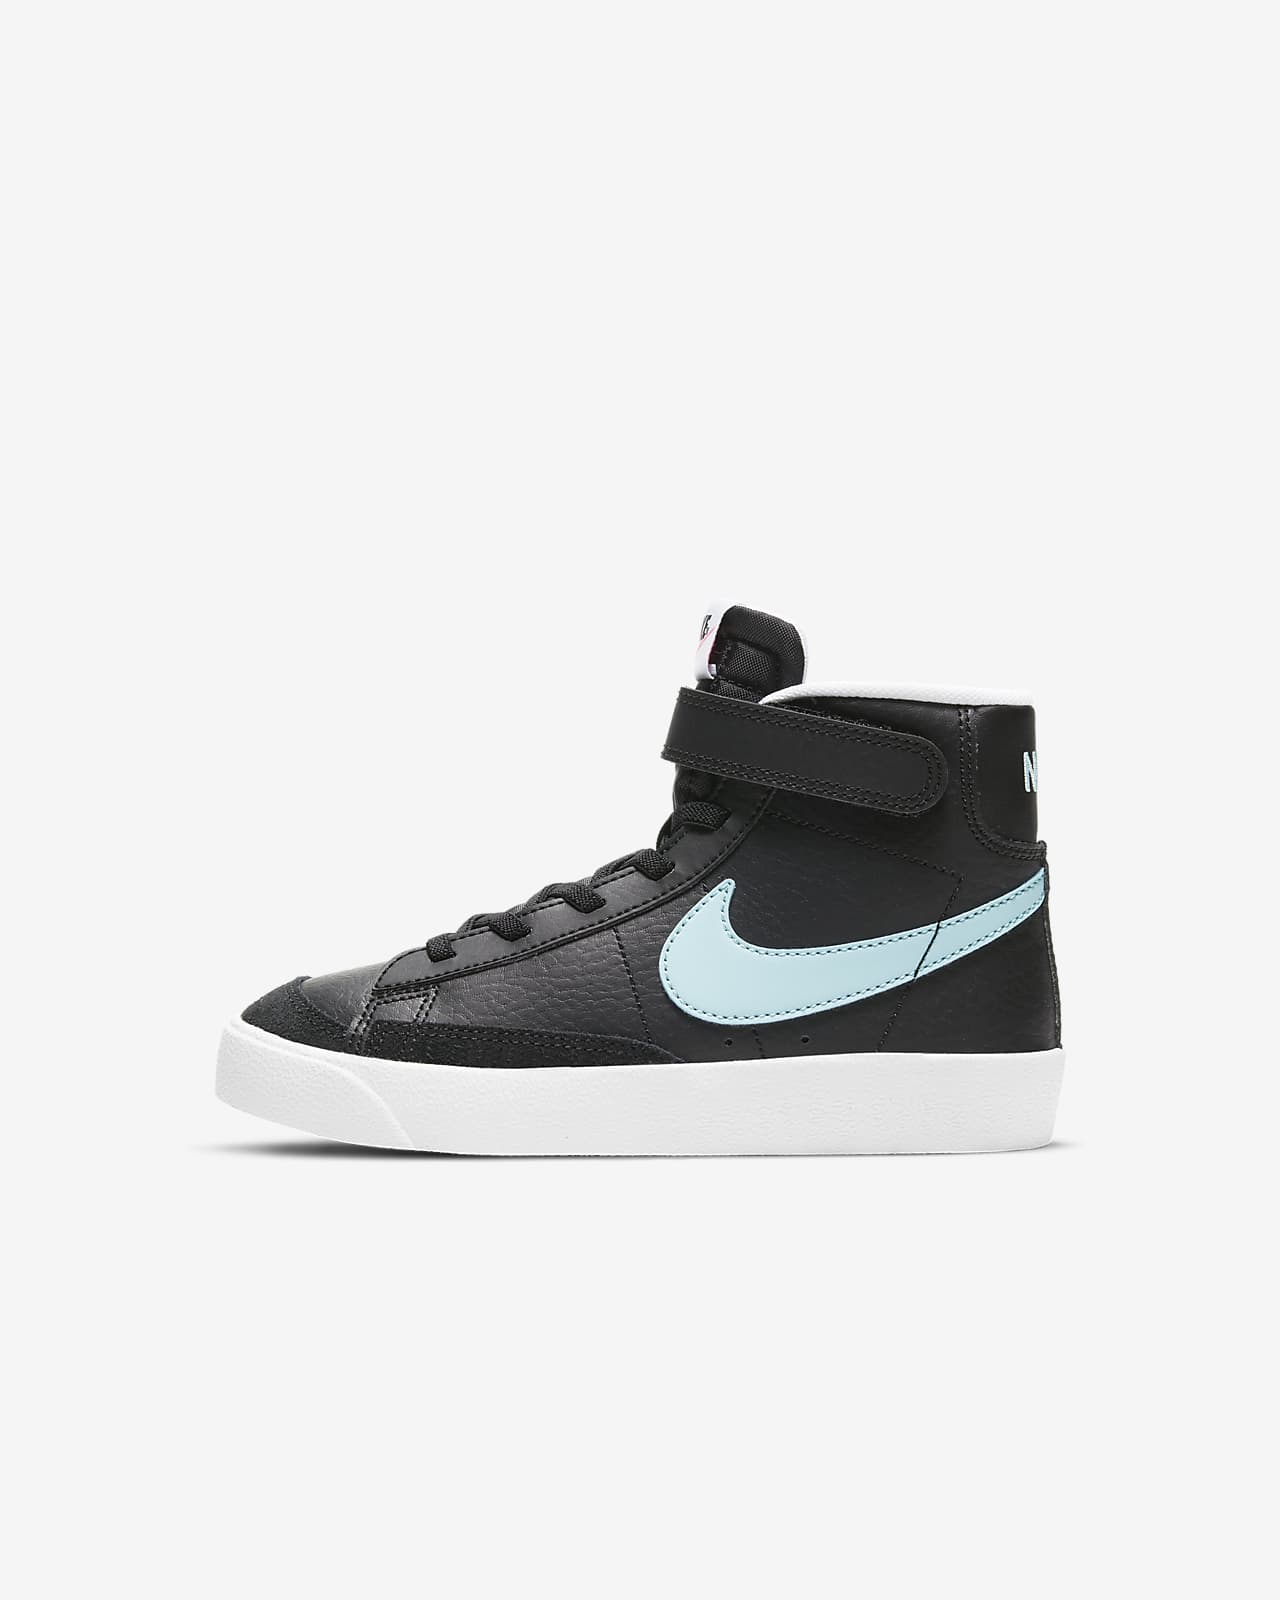 Nike Blazer Mid '77 Küçük Çocuk Ayakkabısı